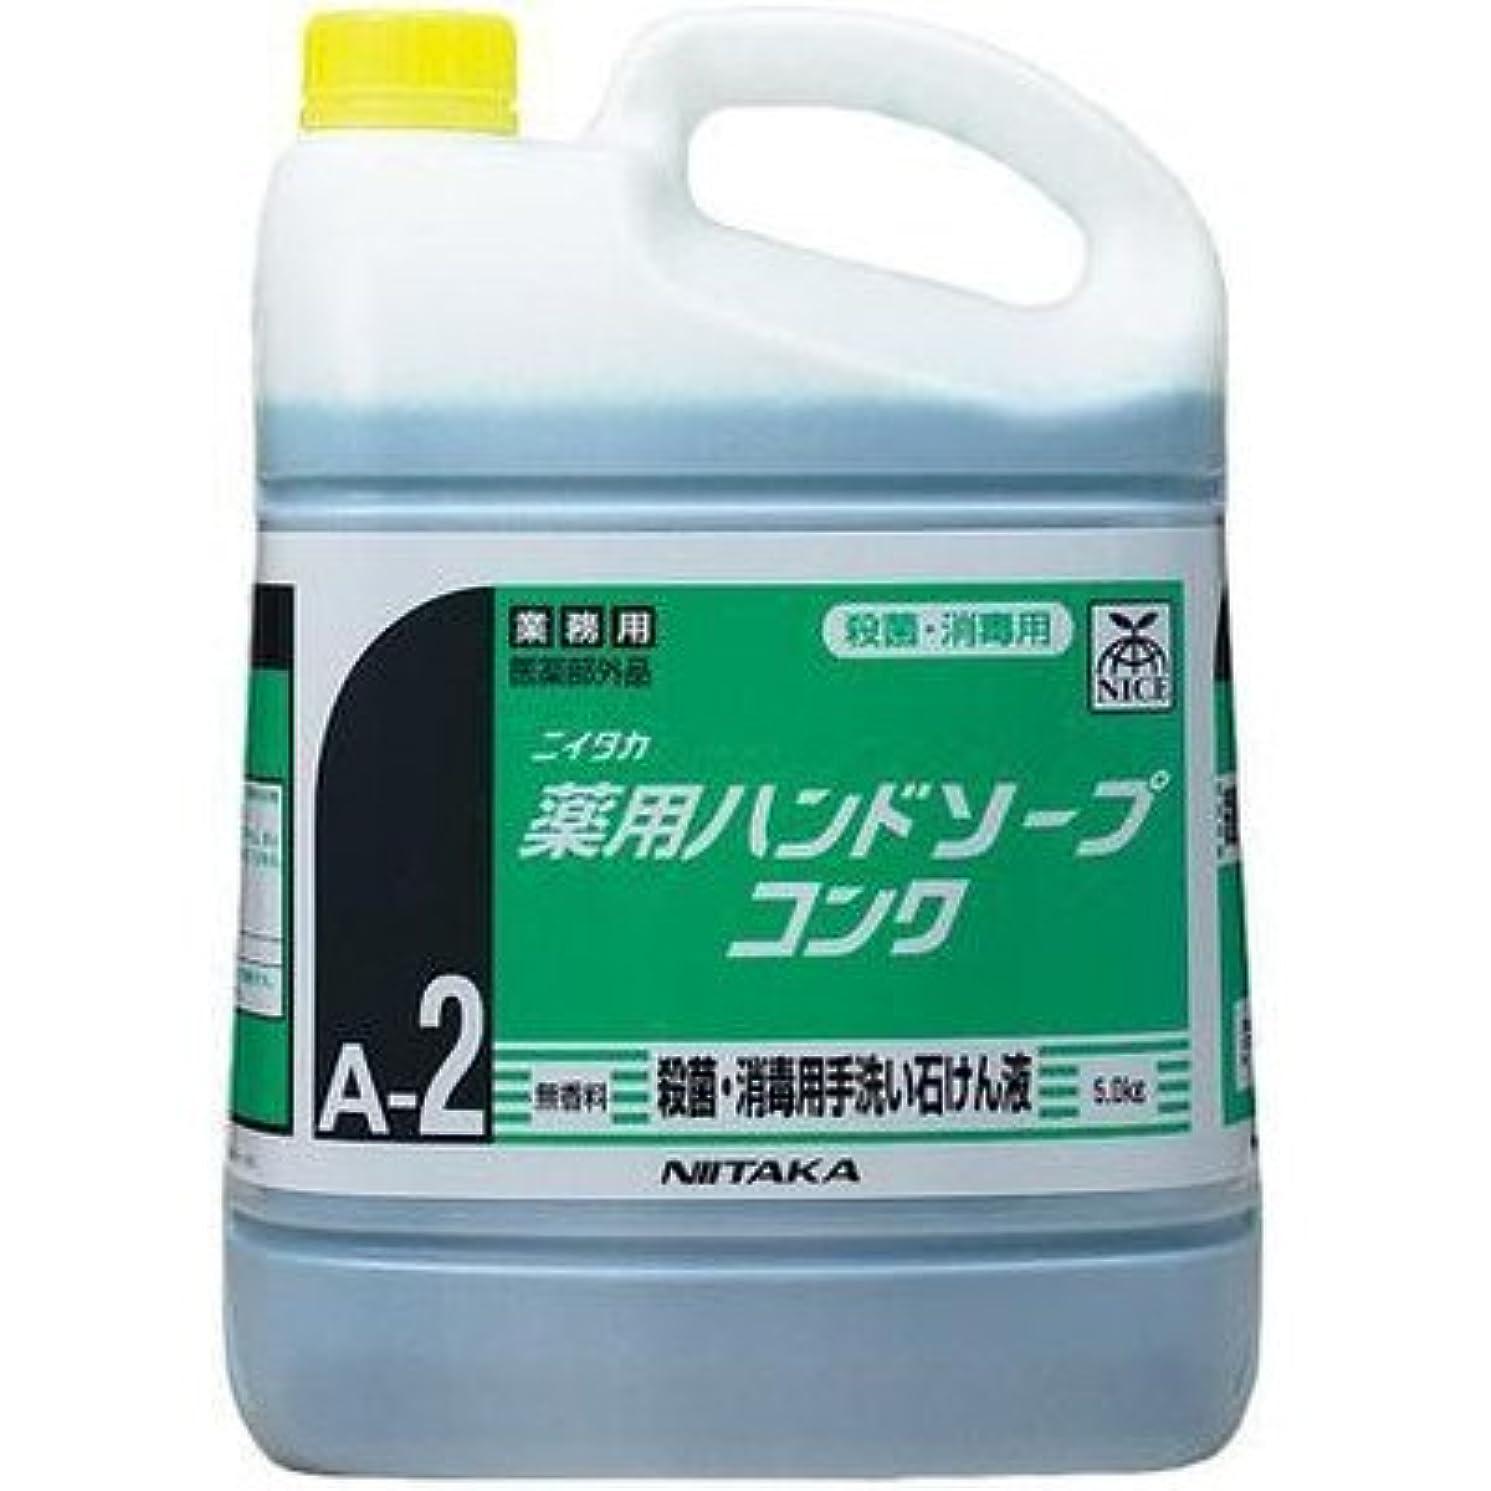 不規則性胚芽貸し手ニイタカ 業務用手洗い石けん液 薬用ハンドソープコンク(A-2) 5kg×3本